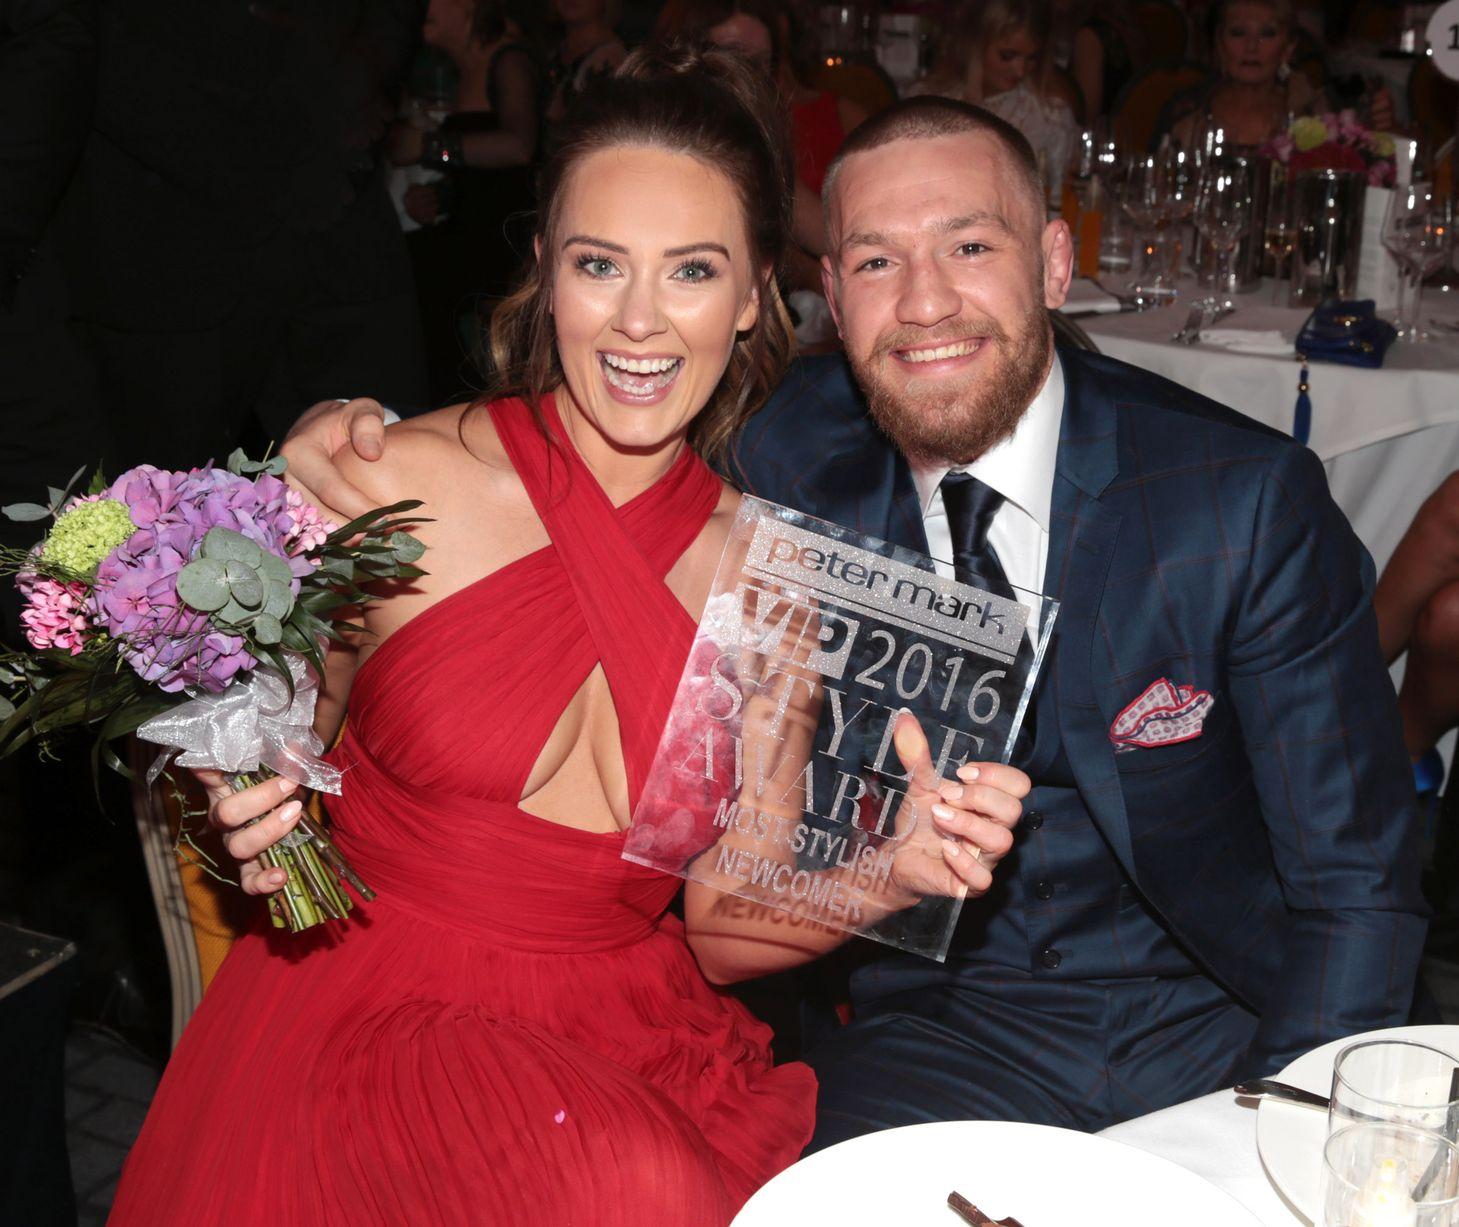 Conor McGregor fiancé Dee Devlin: Award